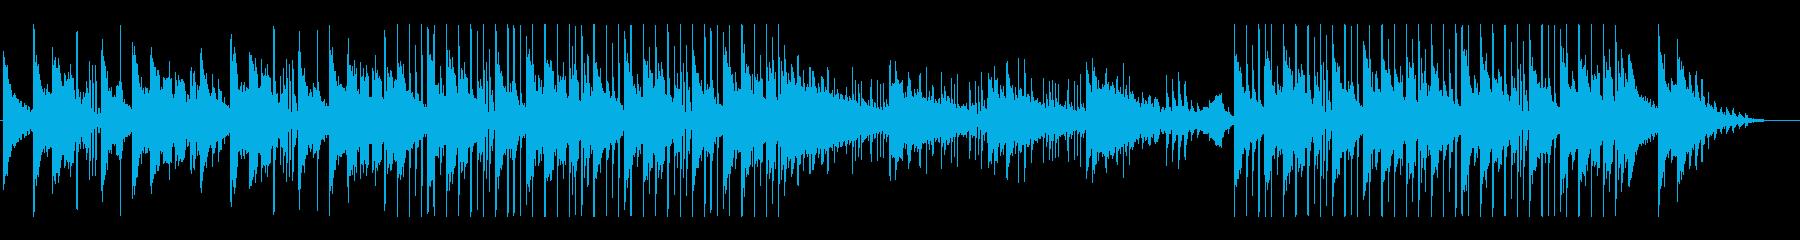 モダン&クリーン、幻想的エレクトロニックの再生済みの波形